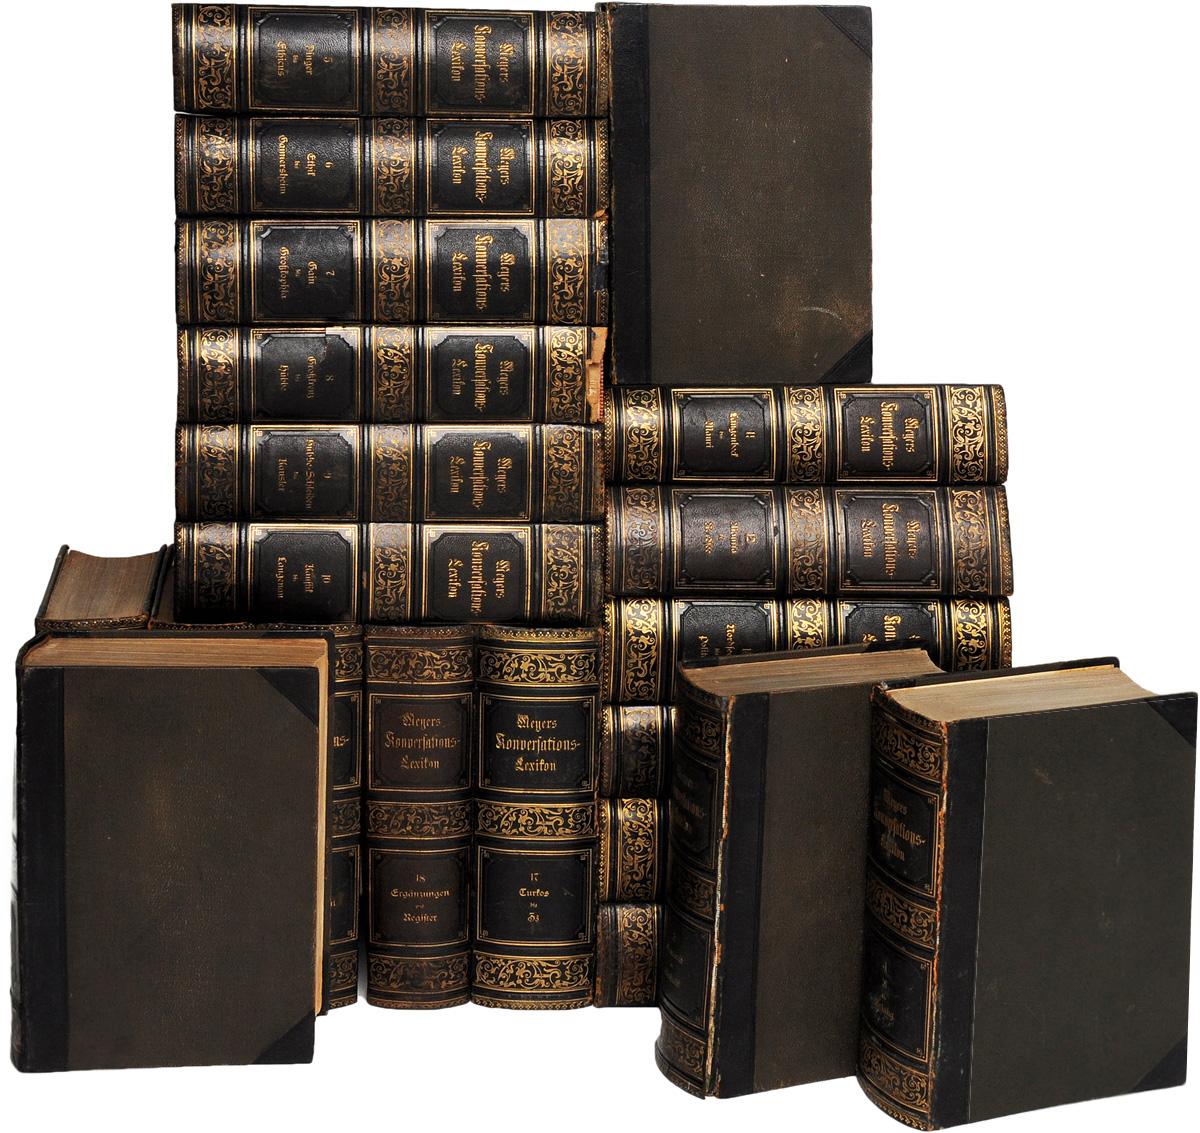 Полный Энциклопедический словарь Мейера в 21 томе (комплект из 21 книги)